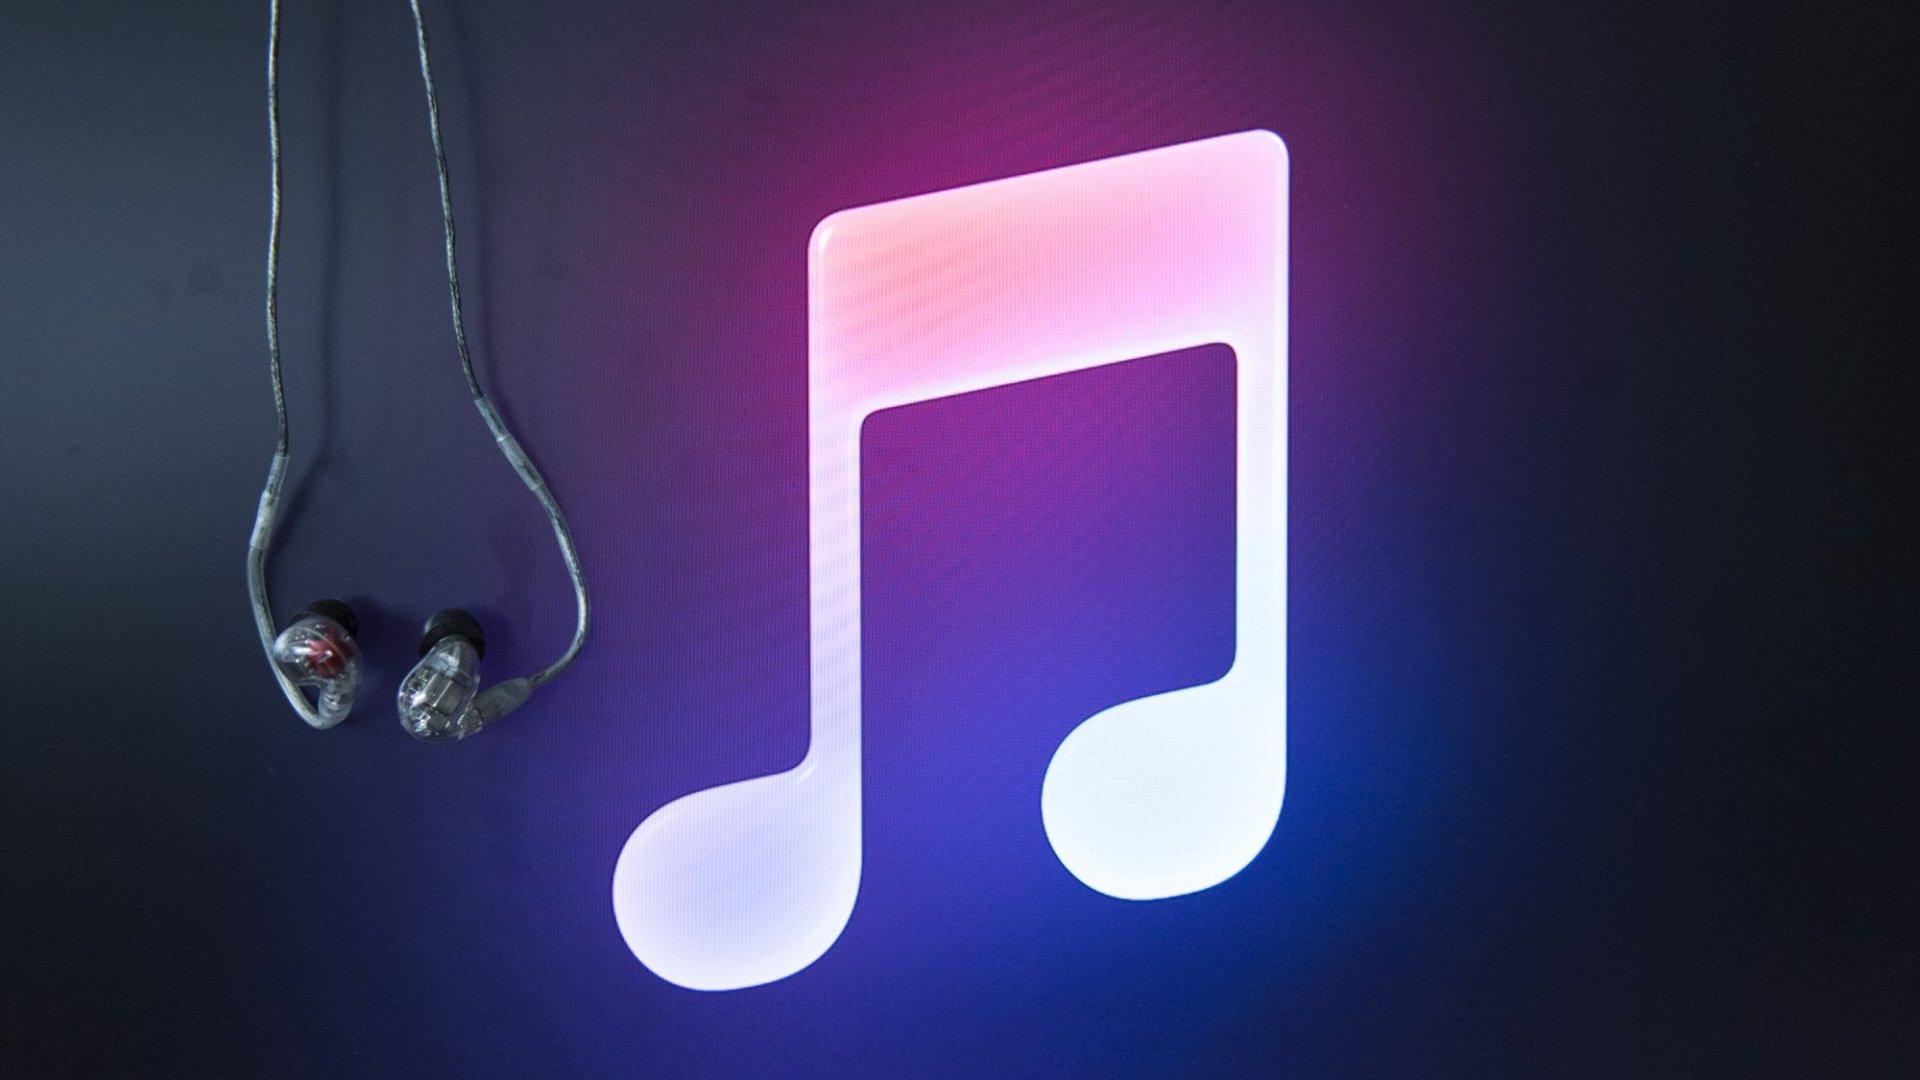 دانلود آهنگ عشق شیرینم از احلام